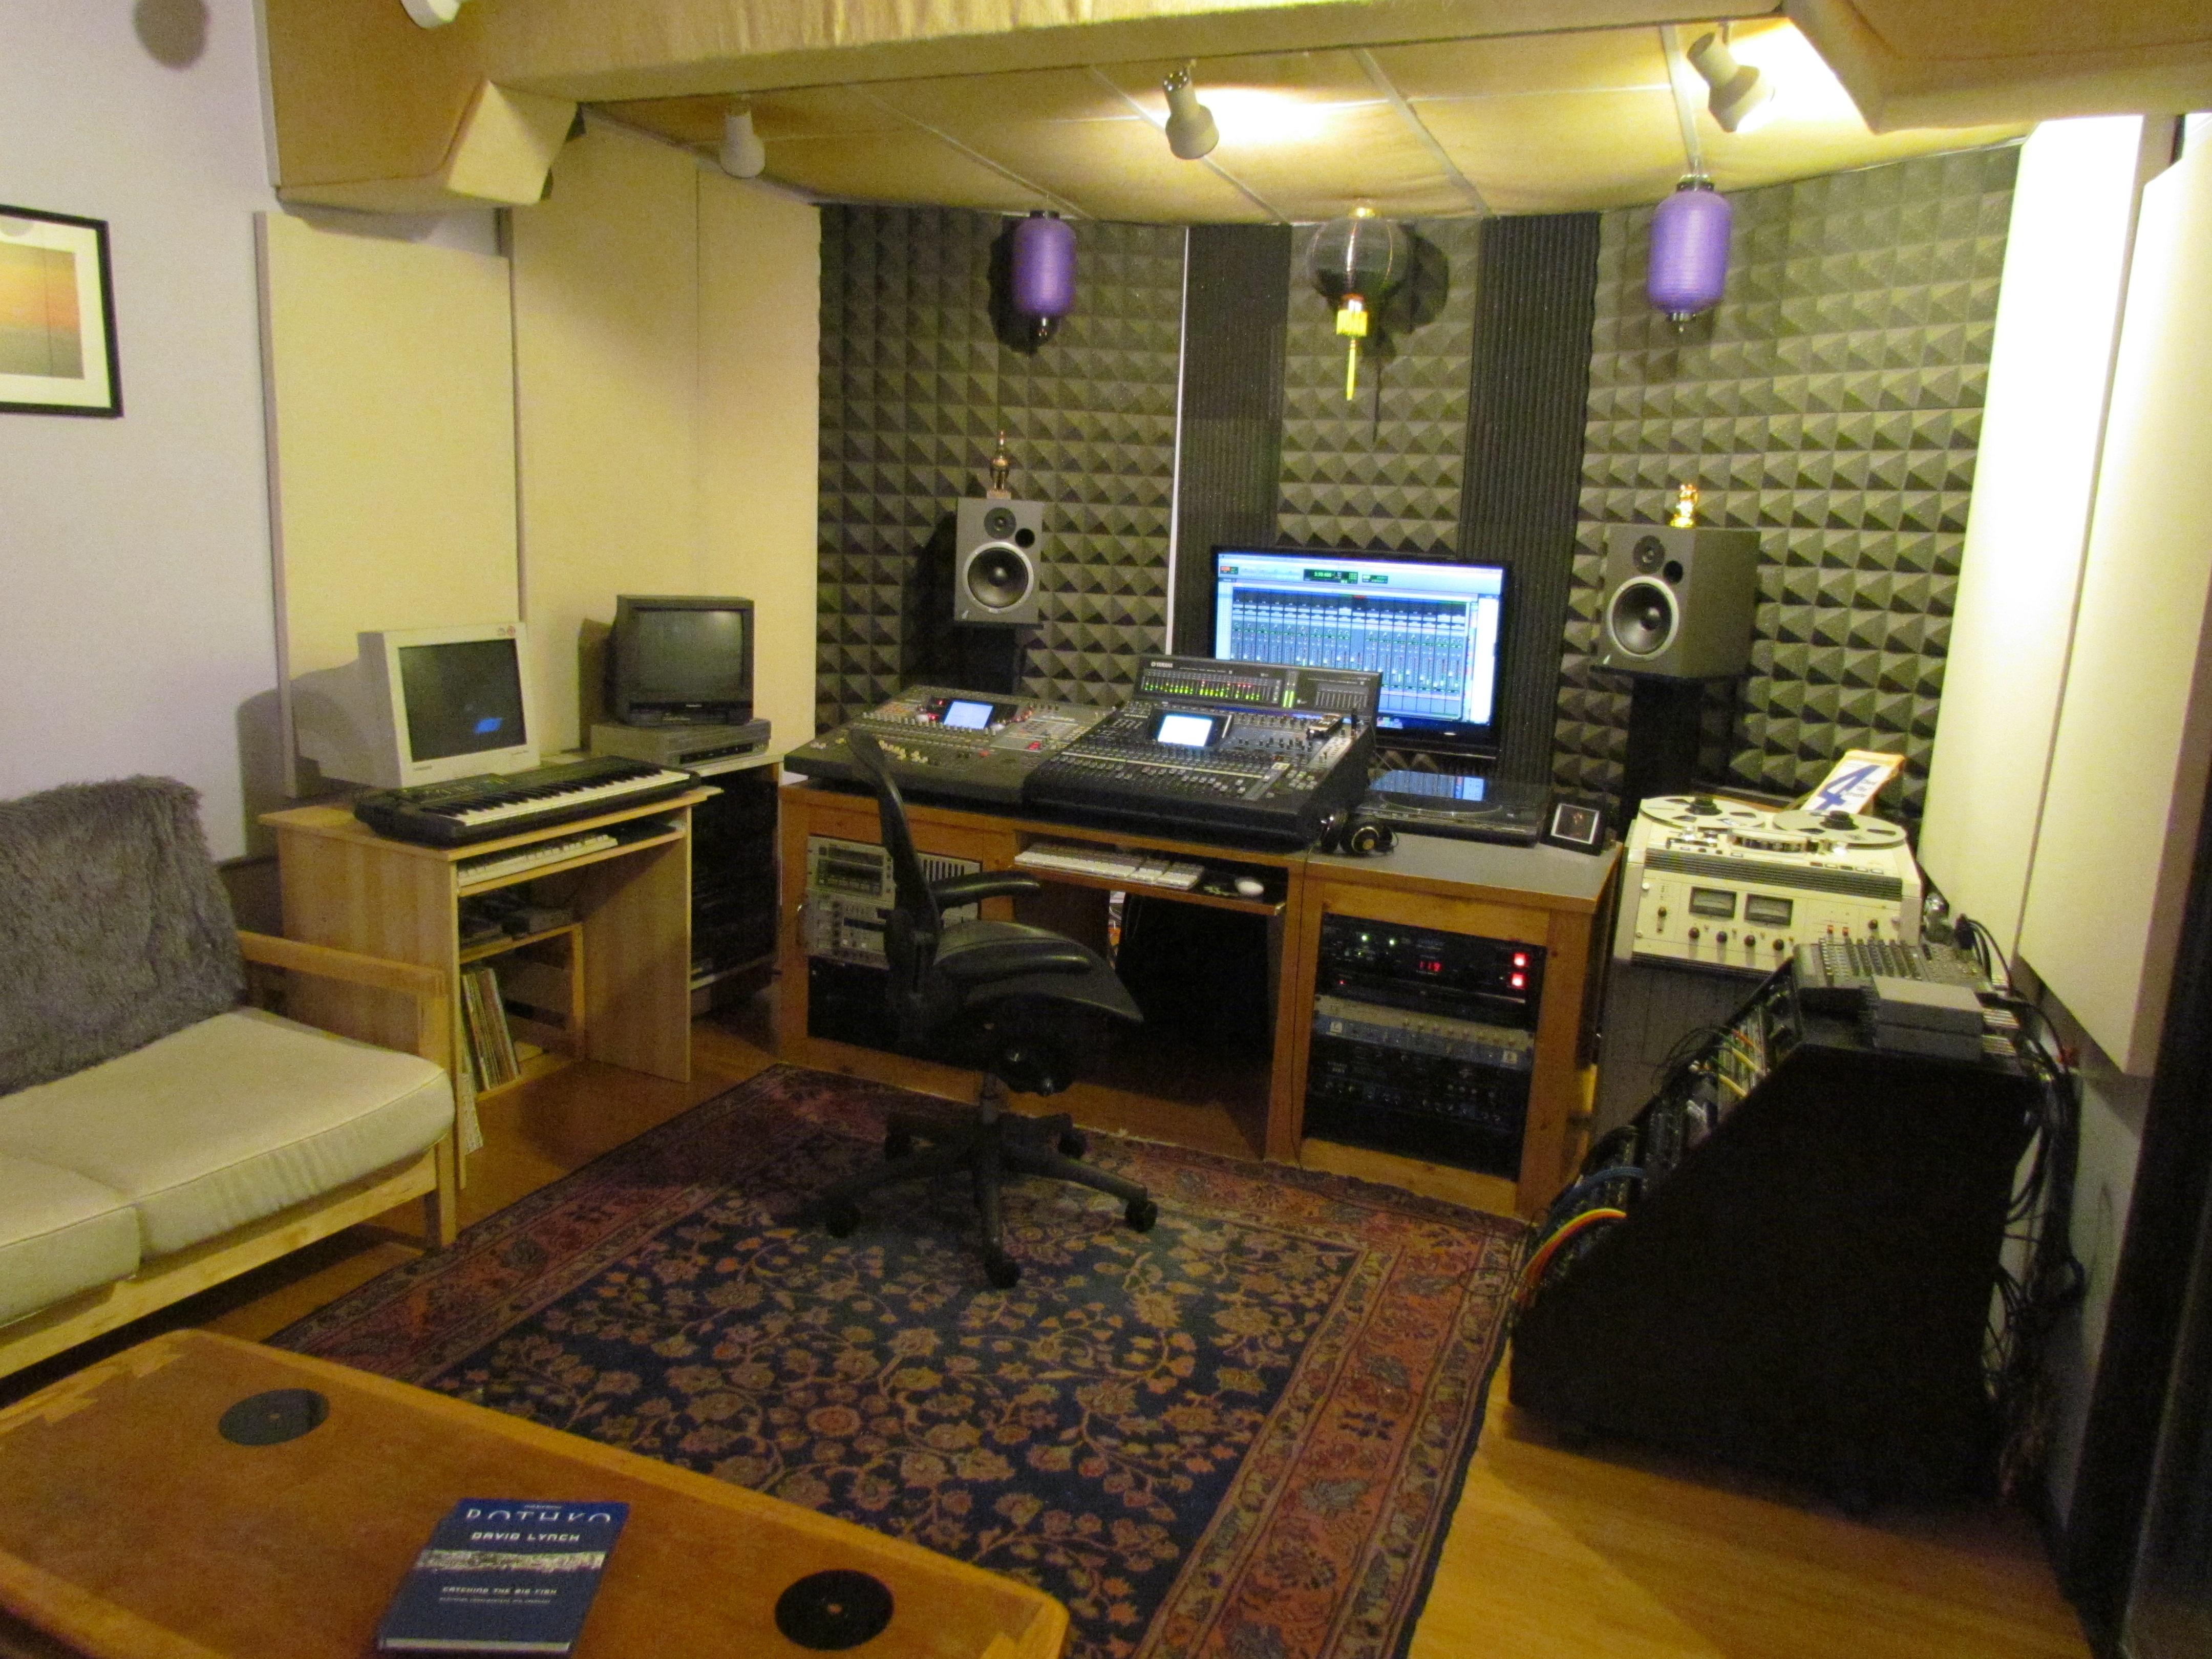 Control Room Furniture Property scott colburn's control room